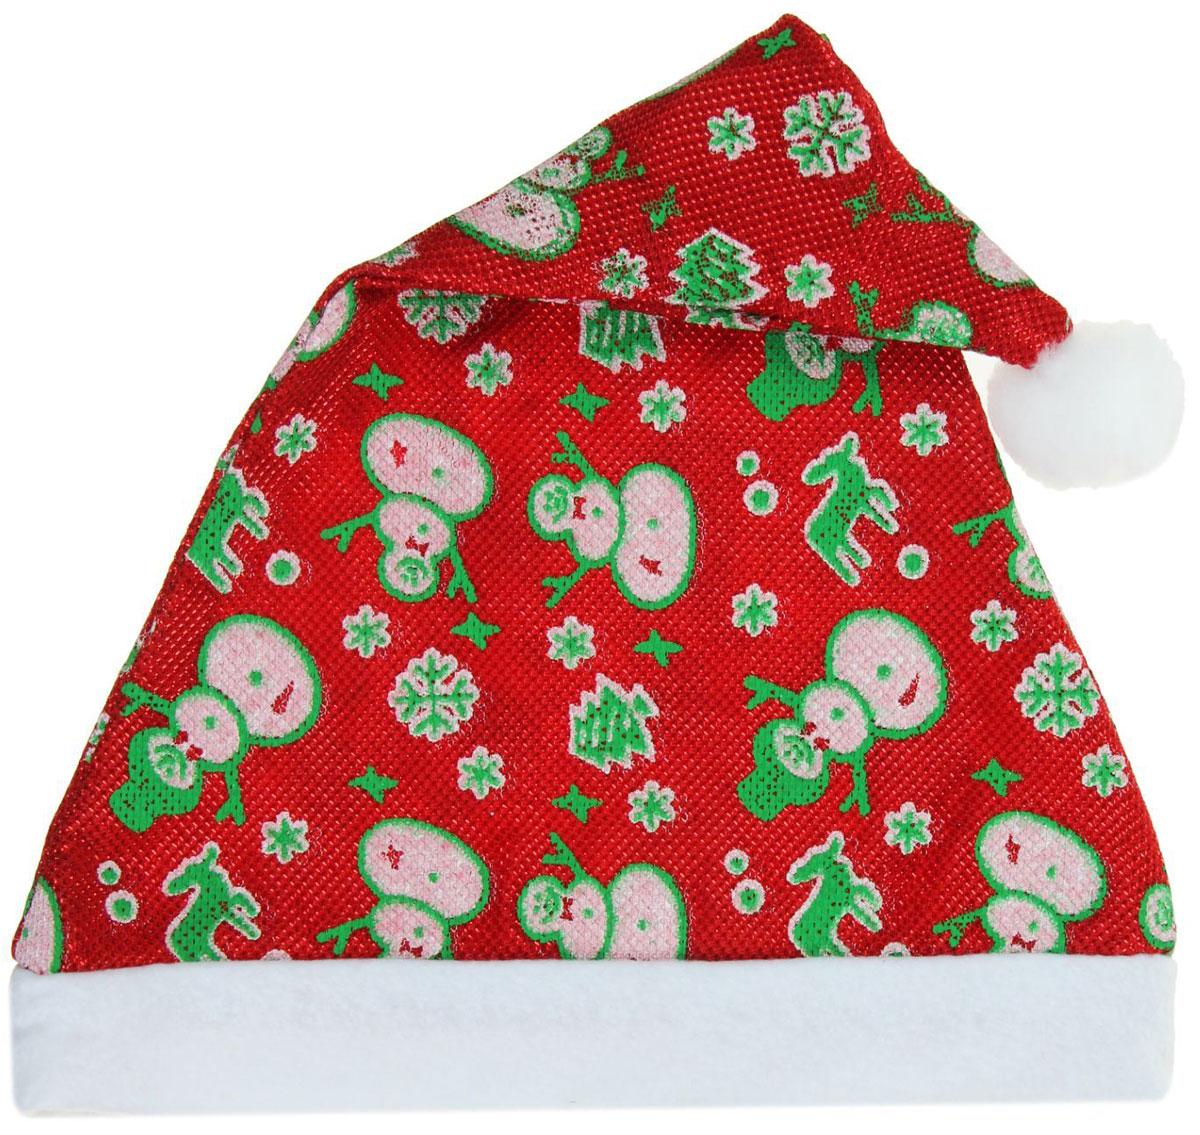 Колпак новогодний Веселые снеговики, 39 х 27 см806282Поддайтесь новогоднему веселью на полную катушку! Забавный колпак в секунду создаст праздничное настроение, будь то поздравление ребятишек или вечеринка с друзьями. Размер изделия универсальный: аксессуар подойдет как для ребенка, так и для взрослого. А мягкий текстиль позволит носить колпак с комфортом на протяжении всей новогодней ночи.